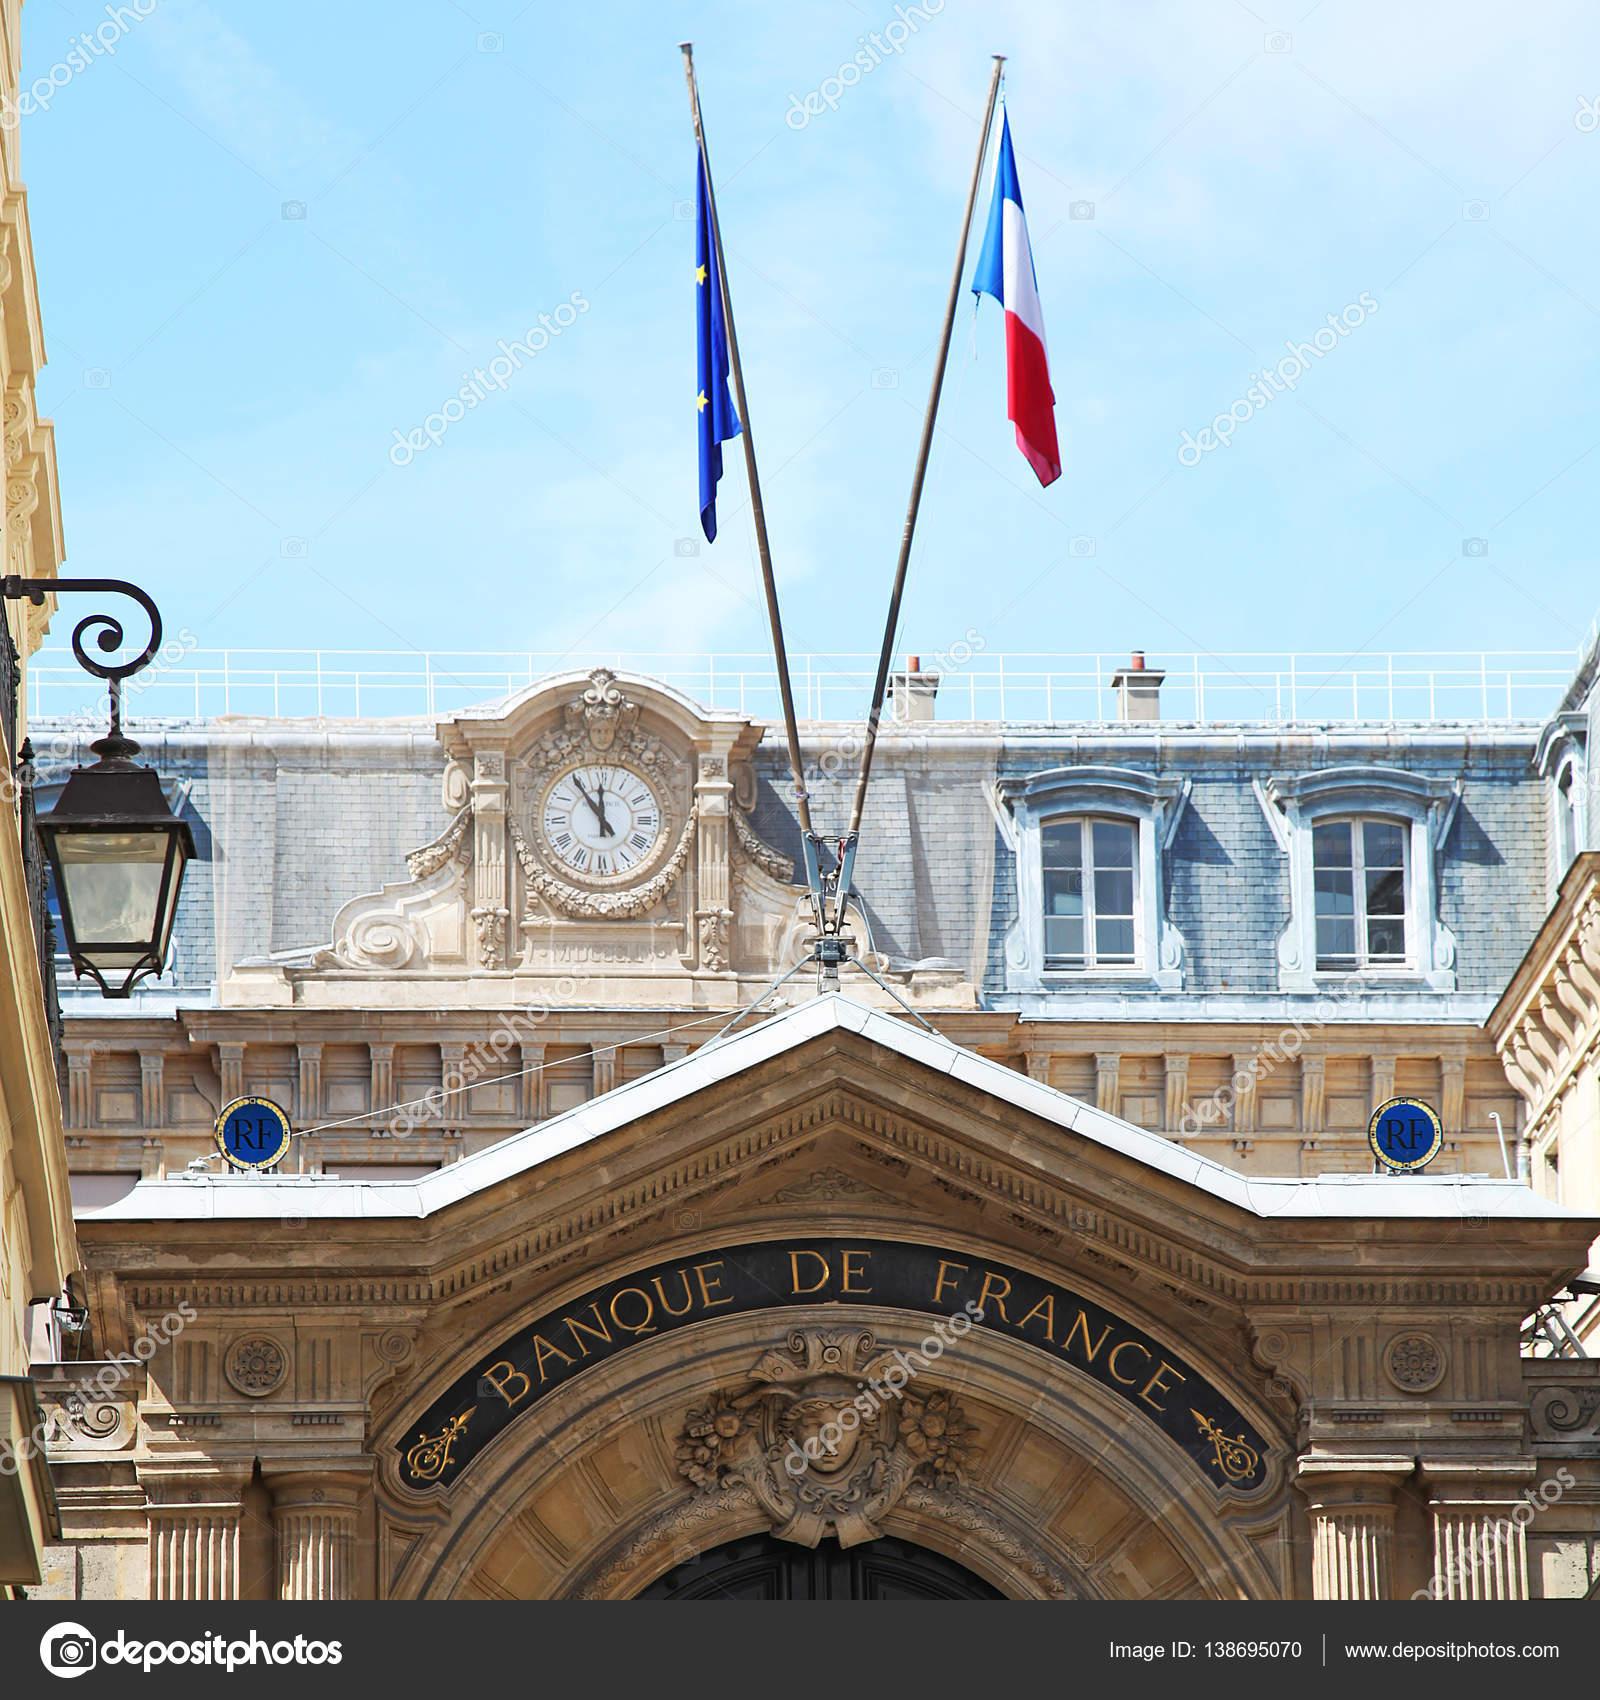 23afe01fa3f La Banque de France est la Banque centrale de la France — Photo ...